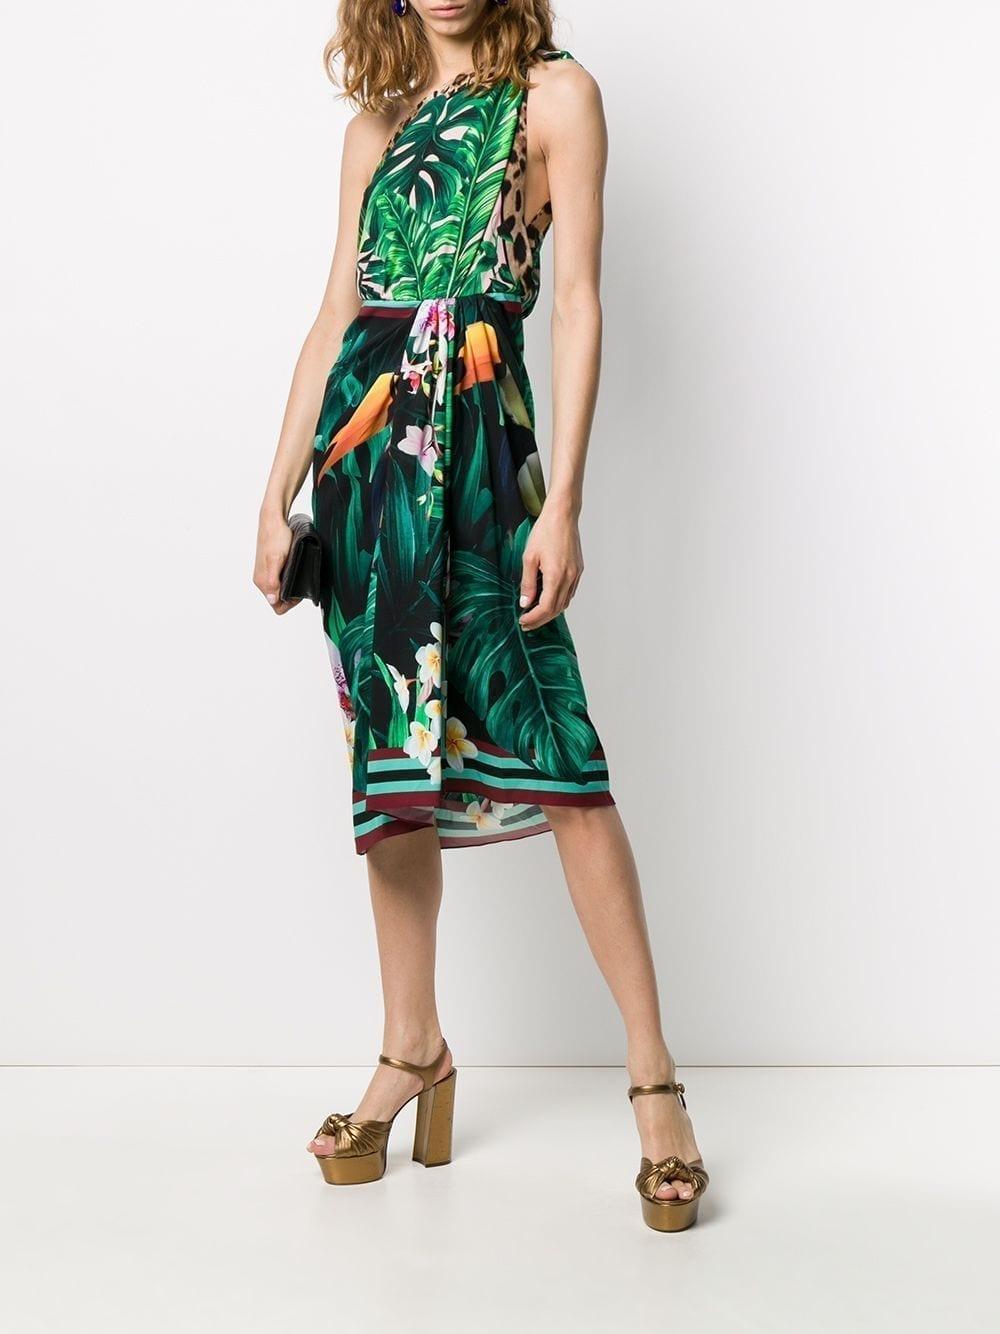 DOLCE & GABBANA One Shoulder Printed Dress